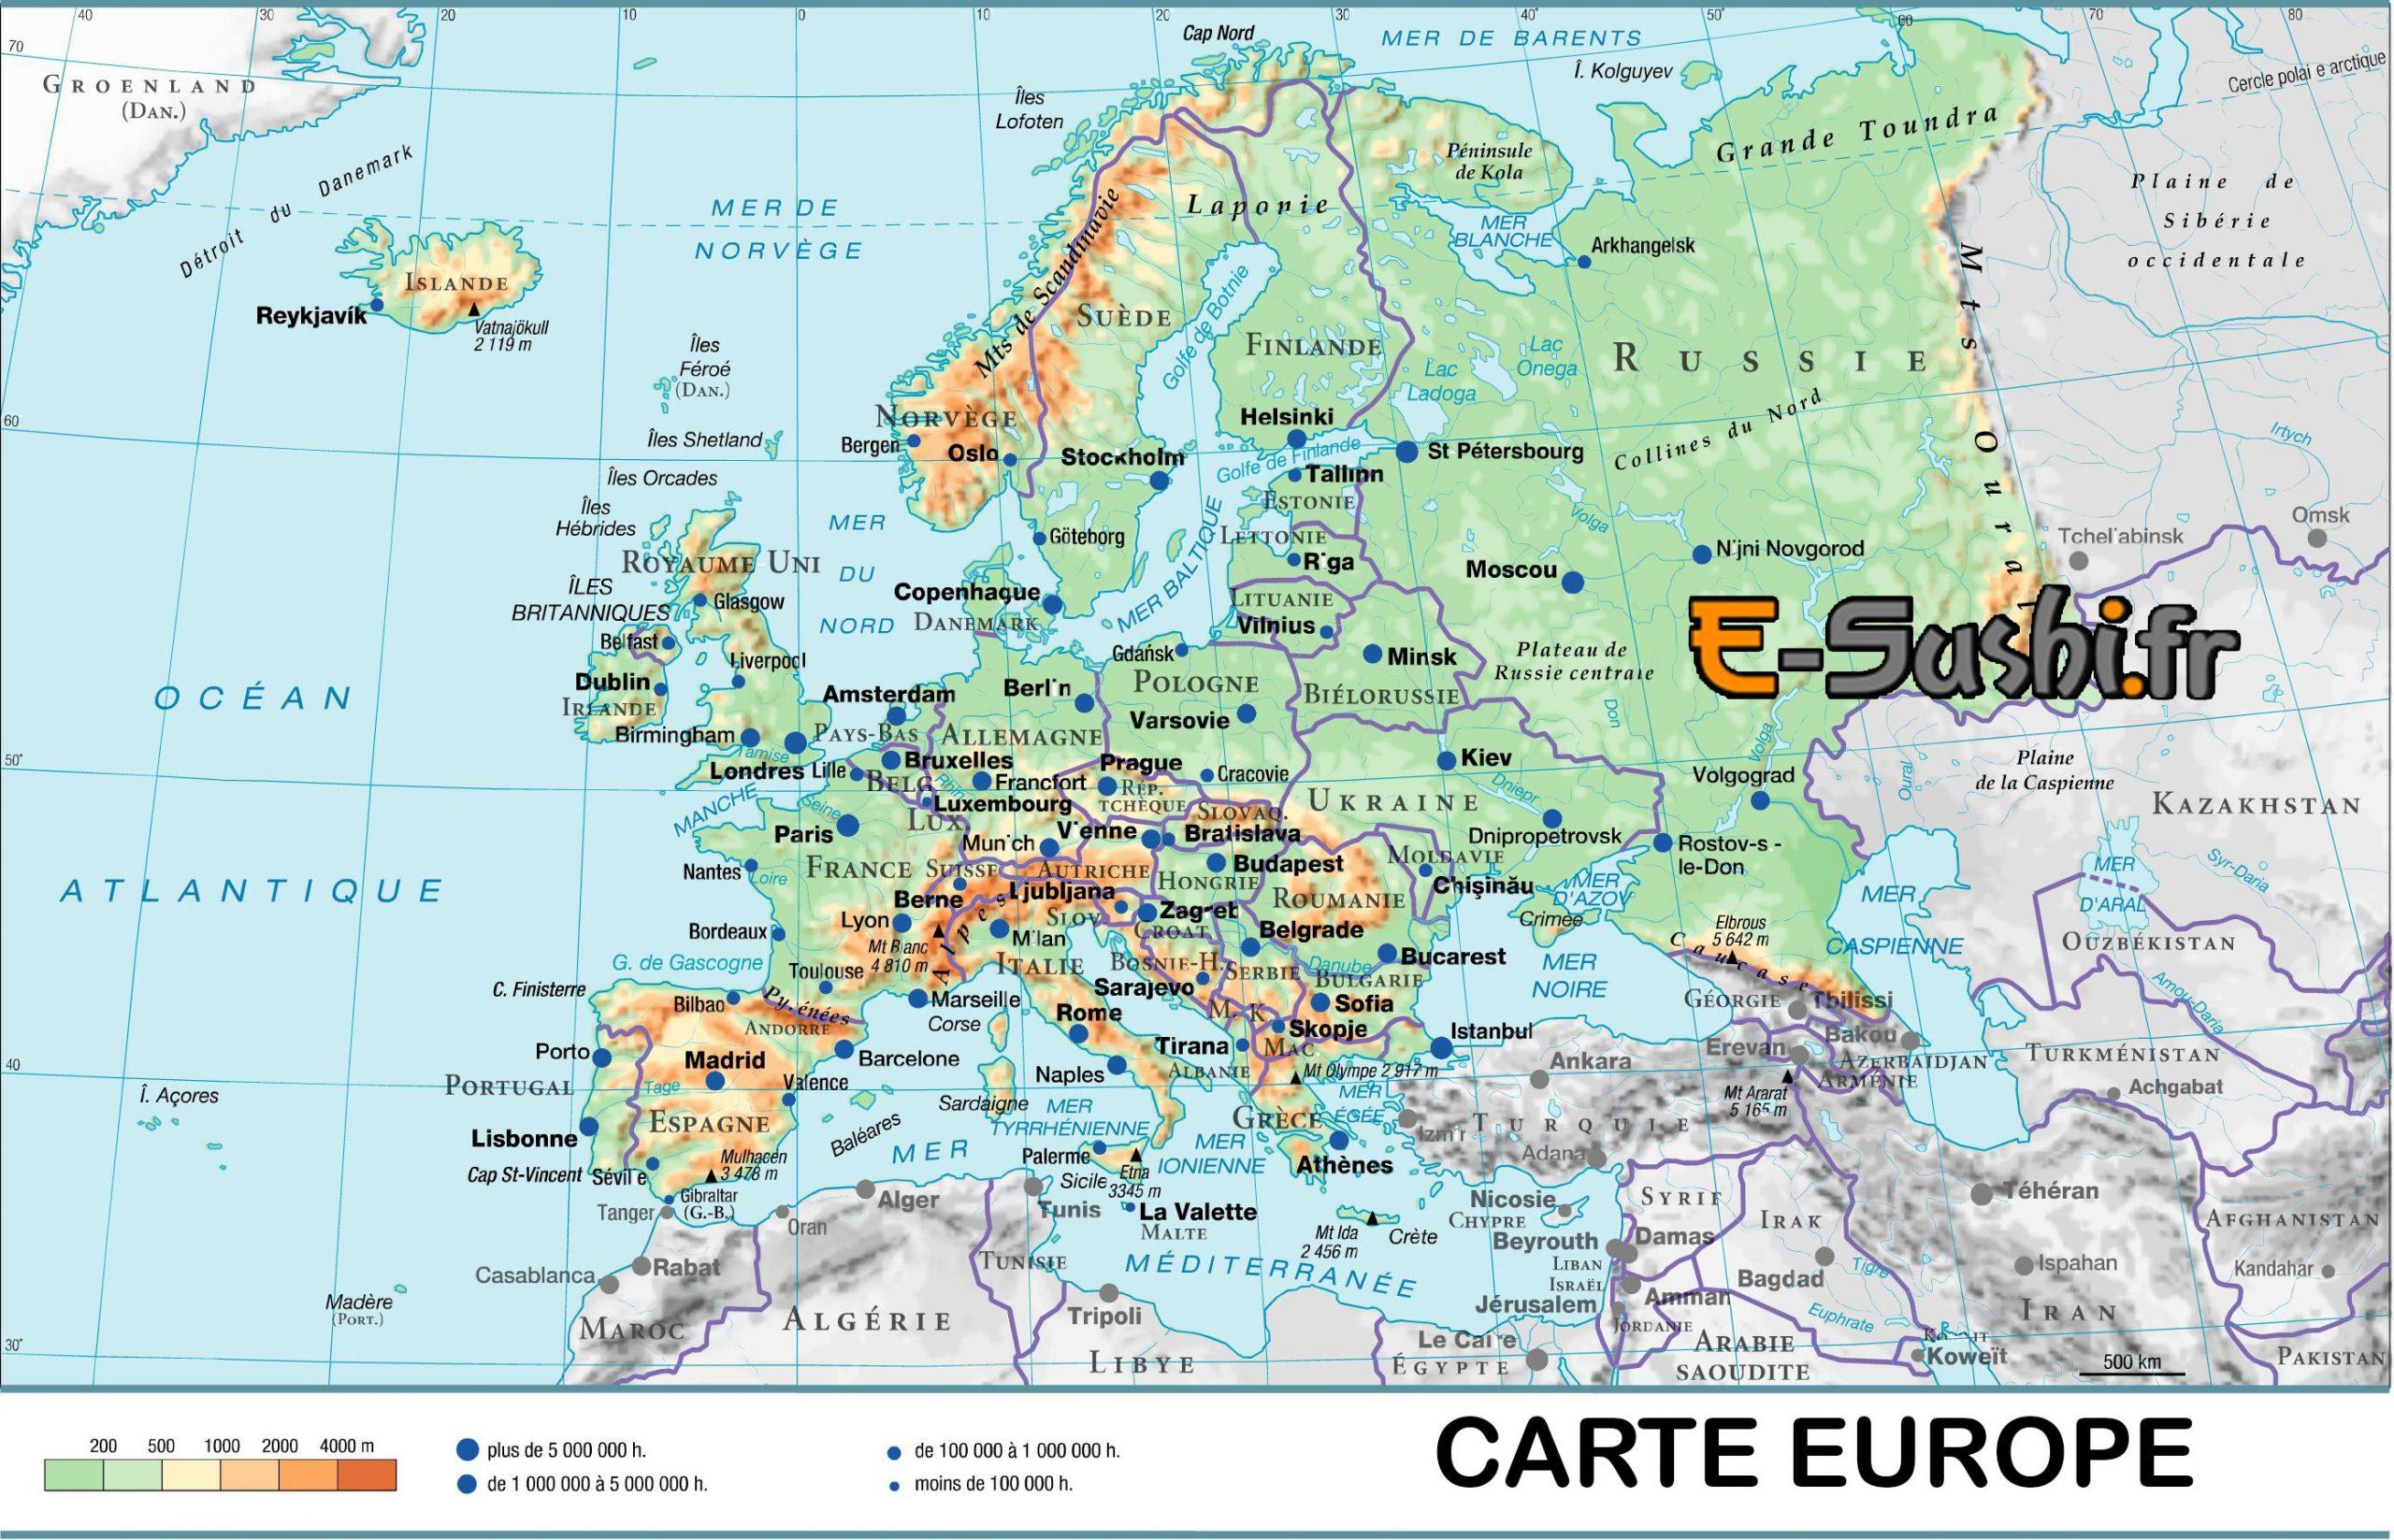 Carte D Europe Images Et Photos - Arts Et Voyages dedans Carte Europe Pays Et Capitale